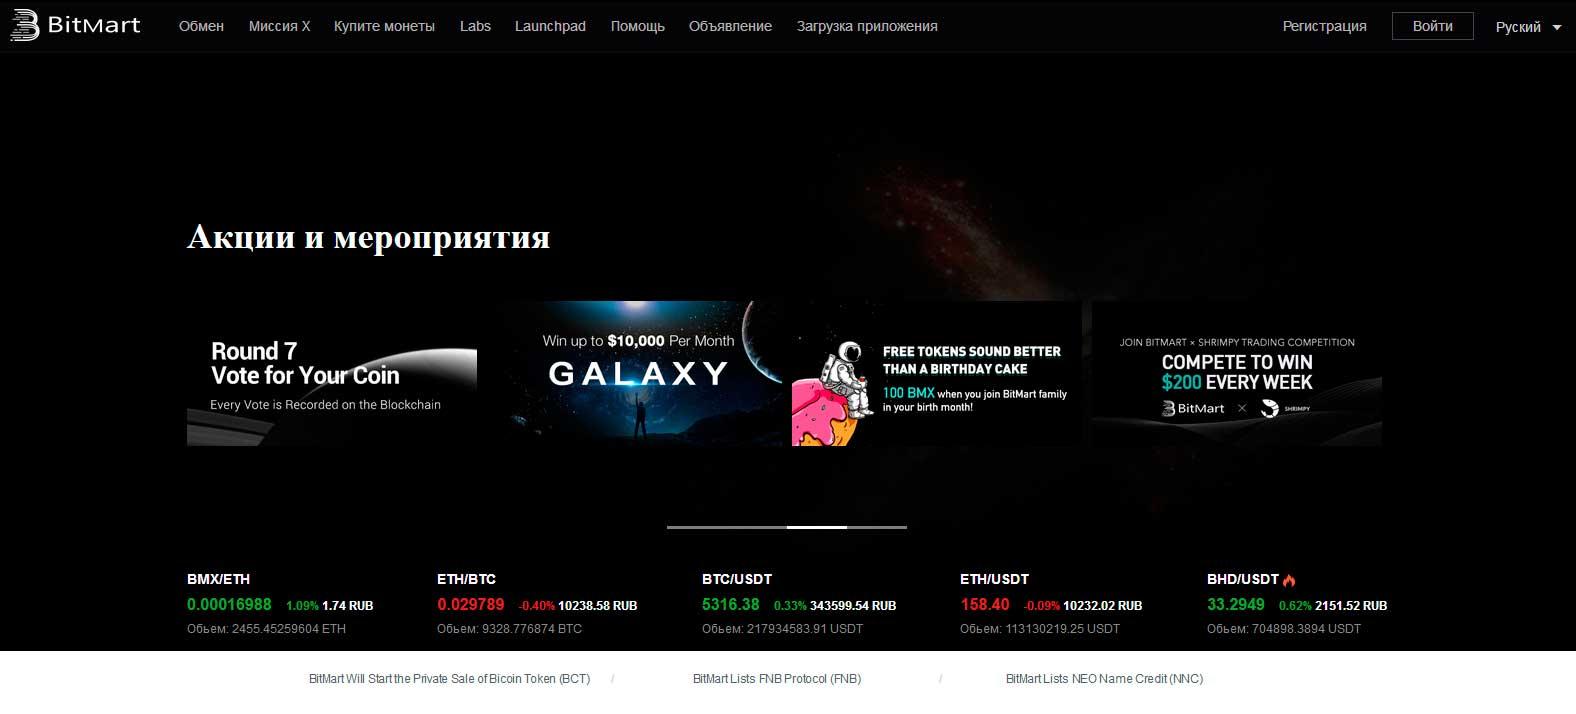 bitmart официальный сайт